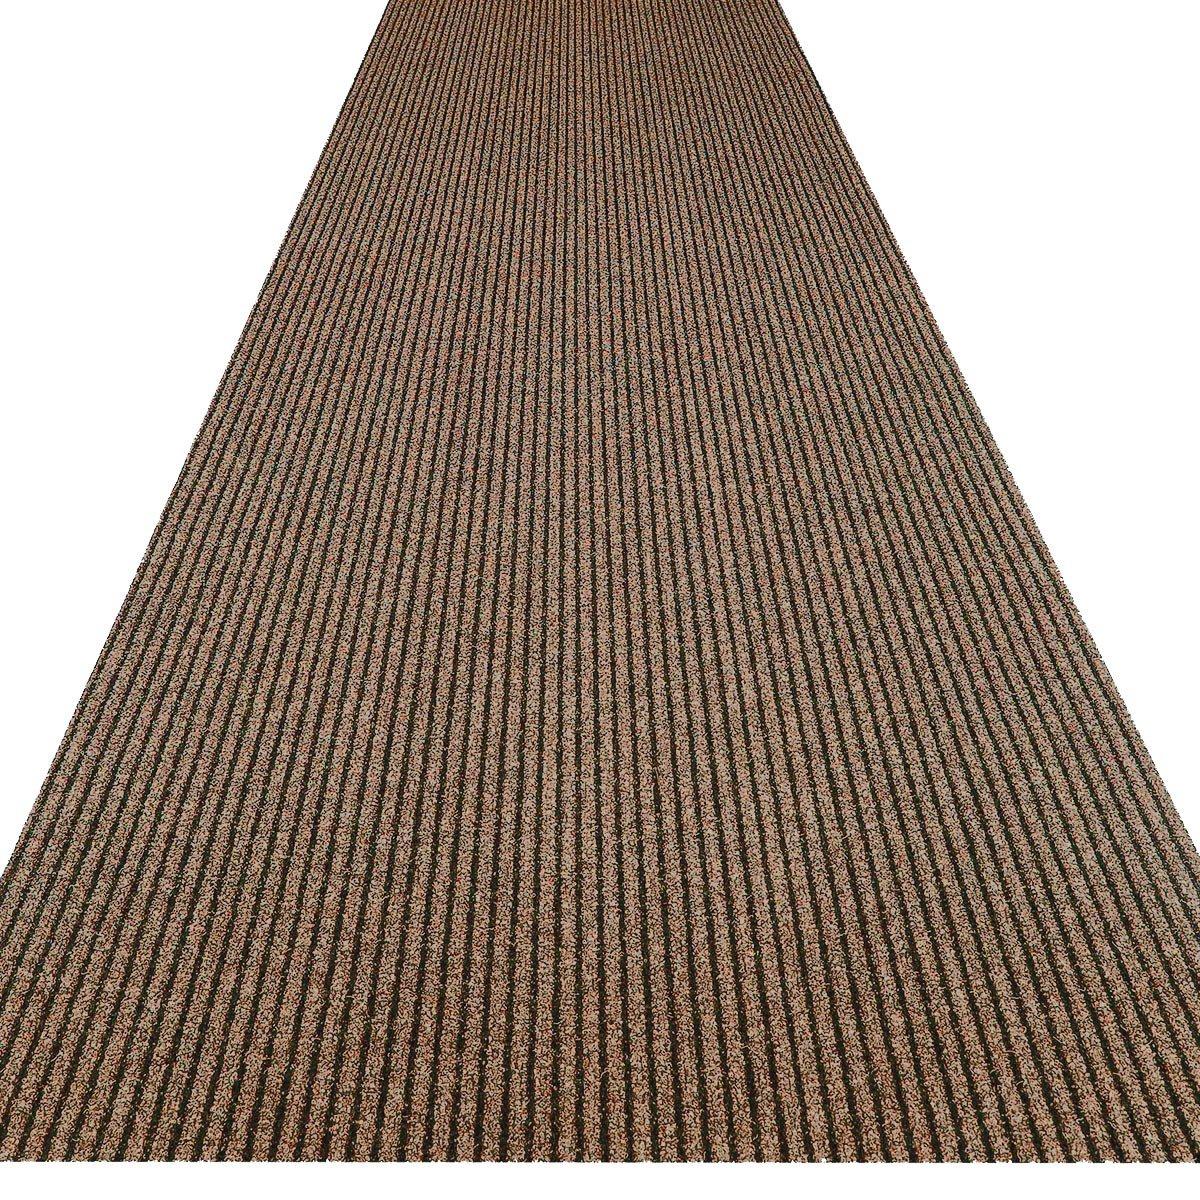 Havatex Küchenteppich Küchenmatte   Teppichläufer Event - schadstoffgeprüft   pflegeleicht strapazierfähig schmutzabweisend   Küche Flur Büro Eingang Diele, Farbe Braun, Größe 100 x 550 cm